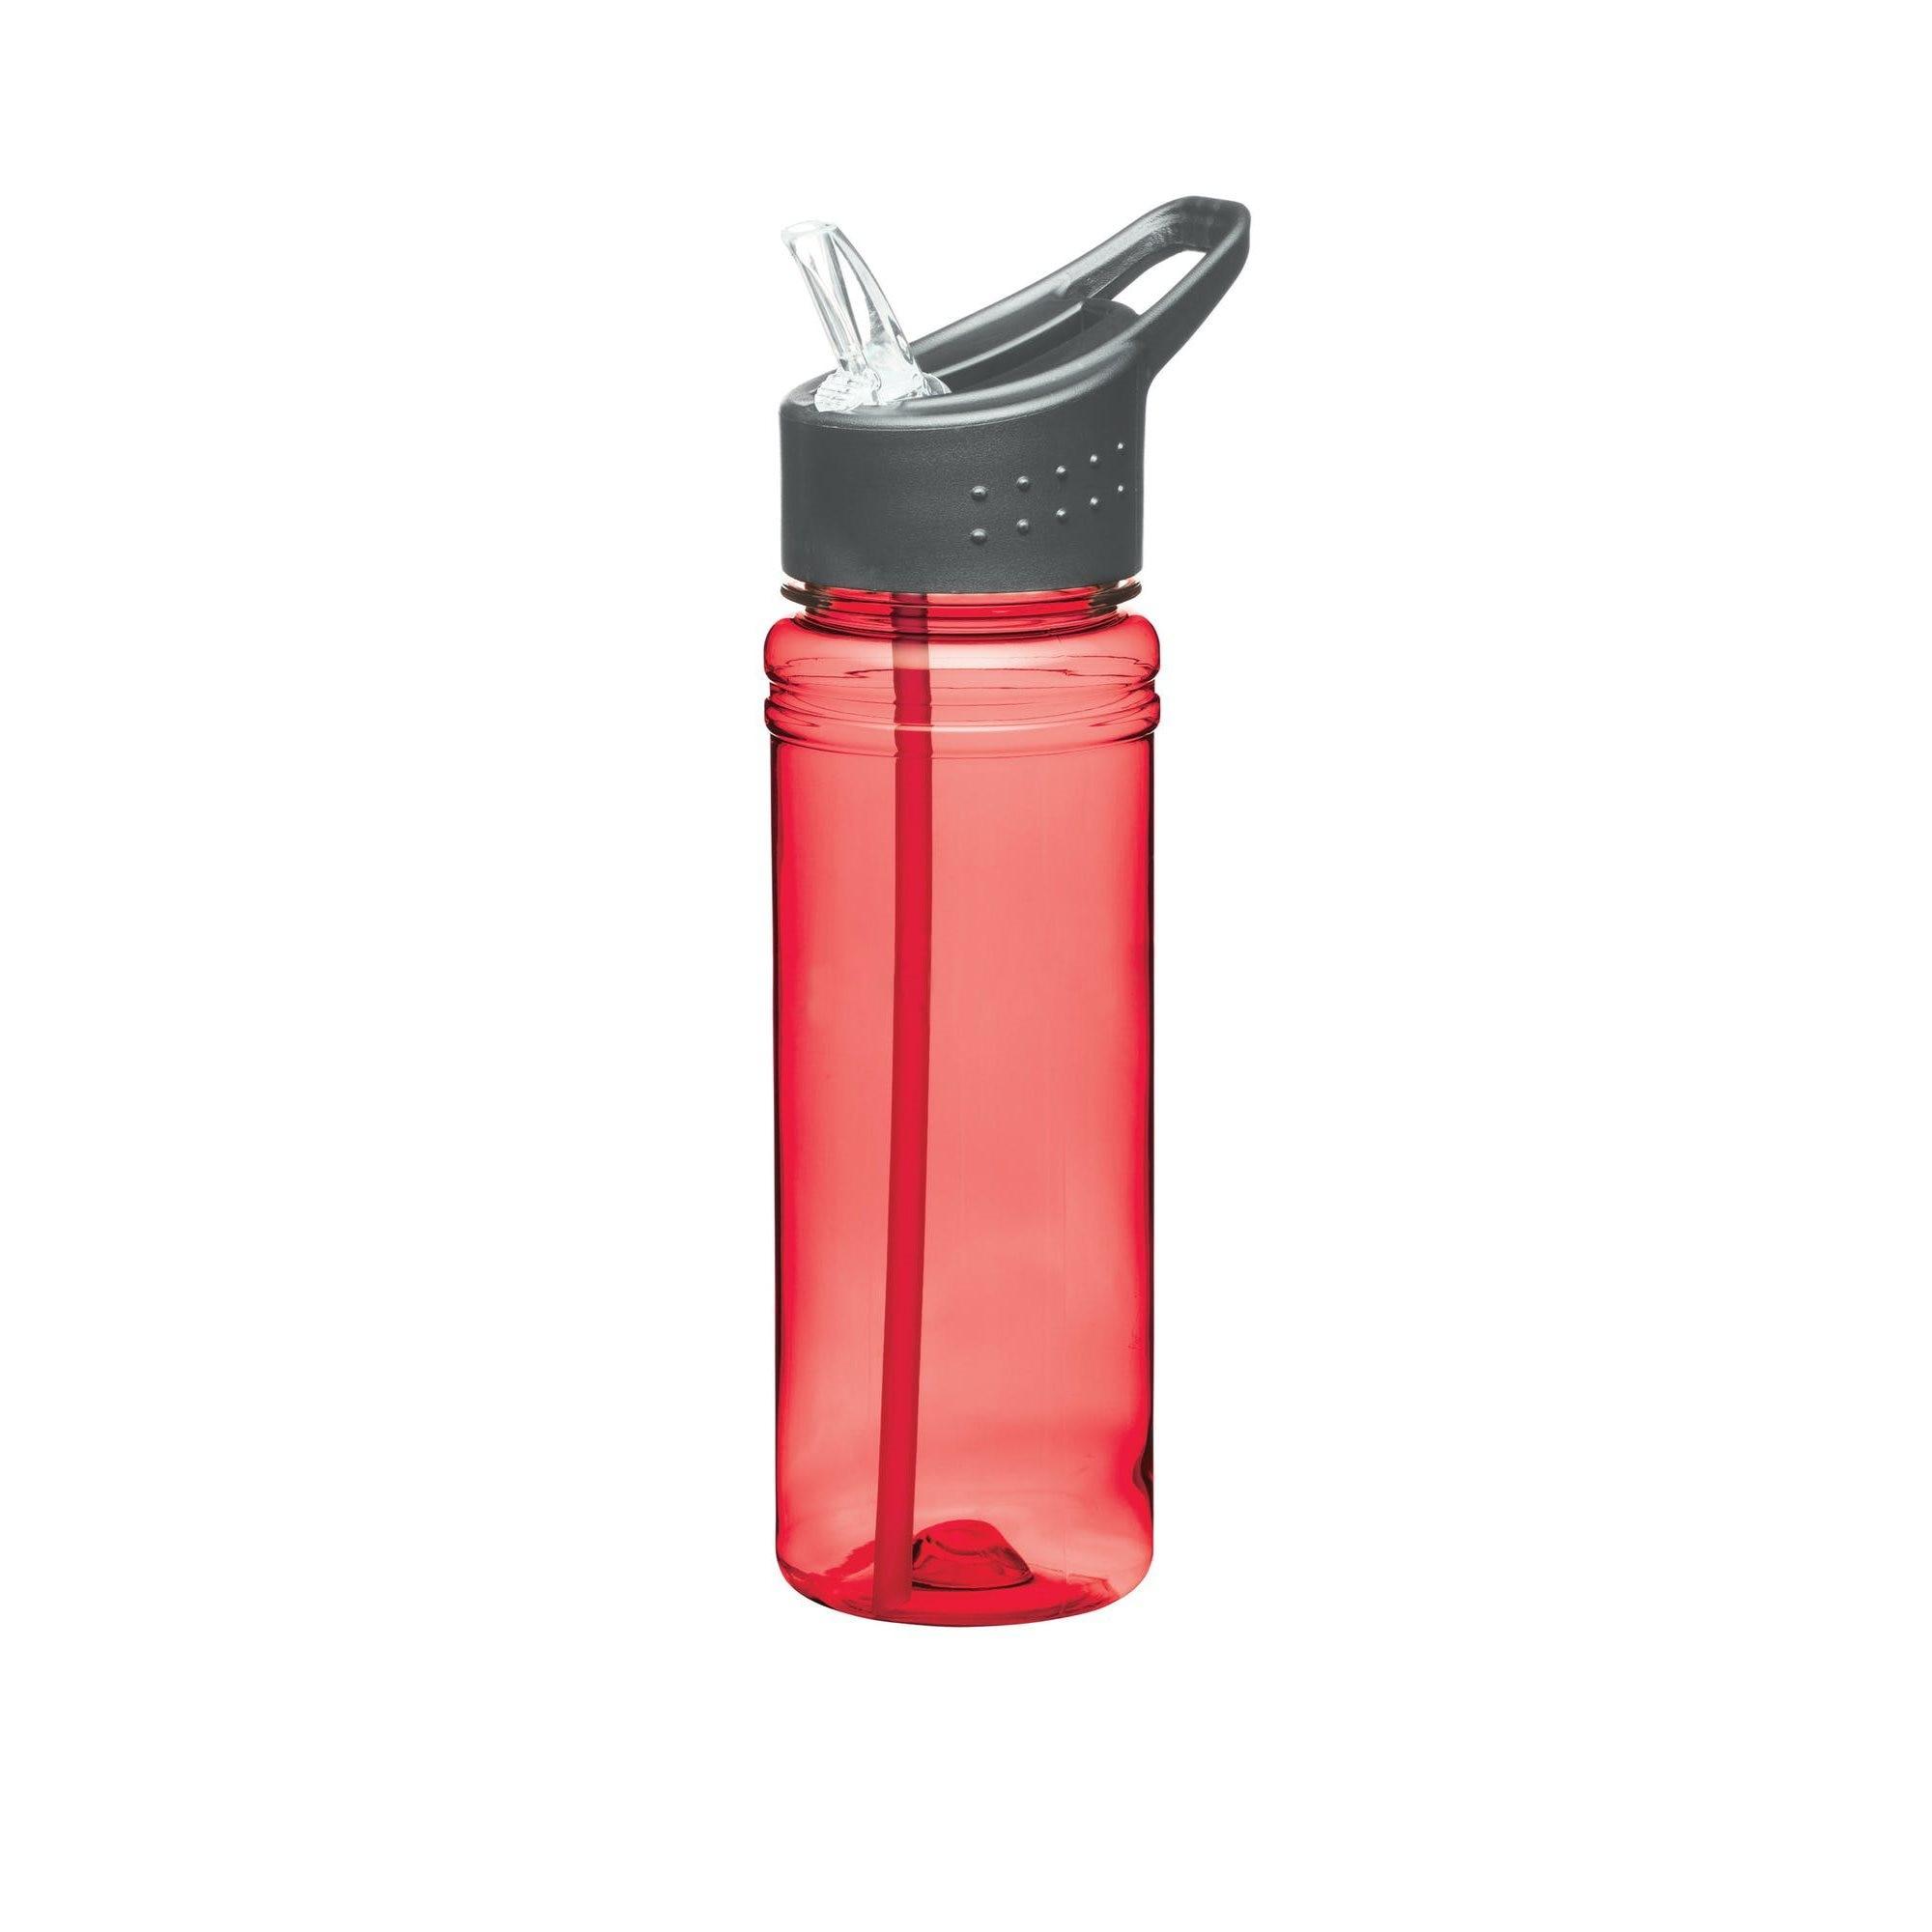 cumpărați sticlă de la varicoză ulei de semințe de struguri în varicoză